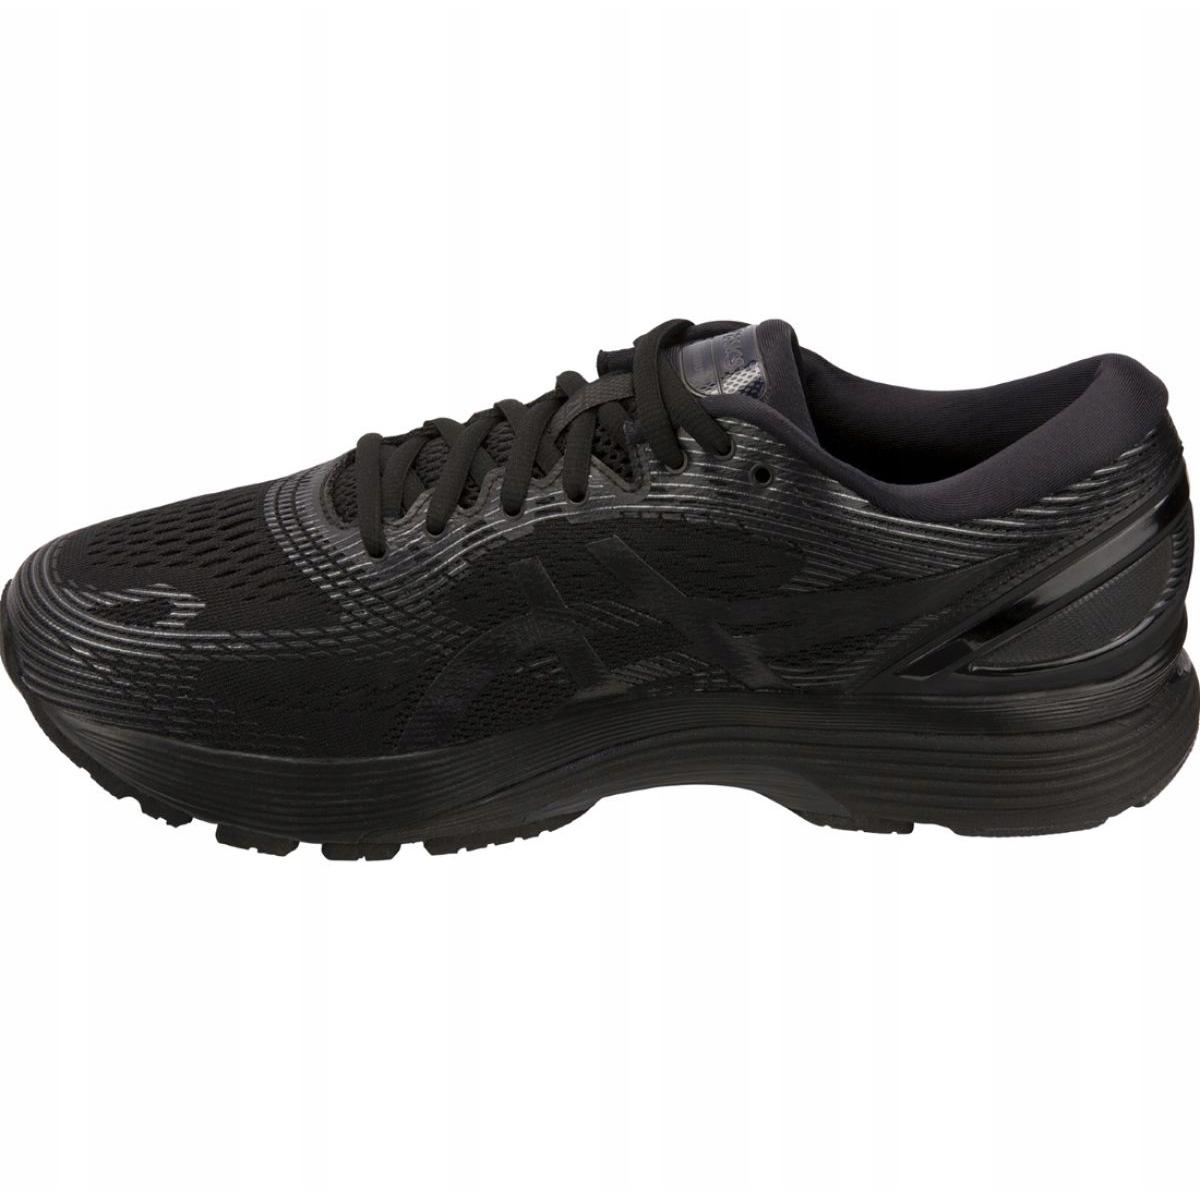 Détails sur Chaussures de course Asics Gel Nimbus 21 M 1011A169 004 noir